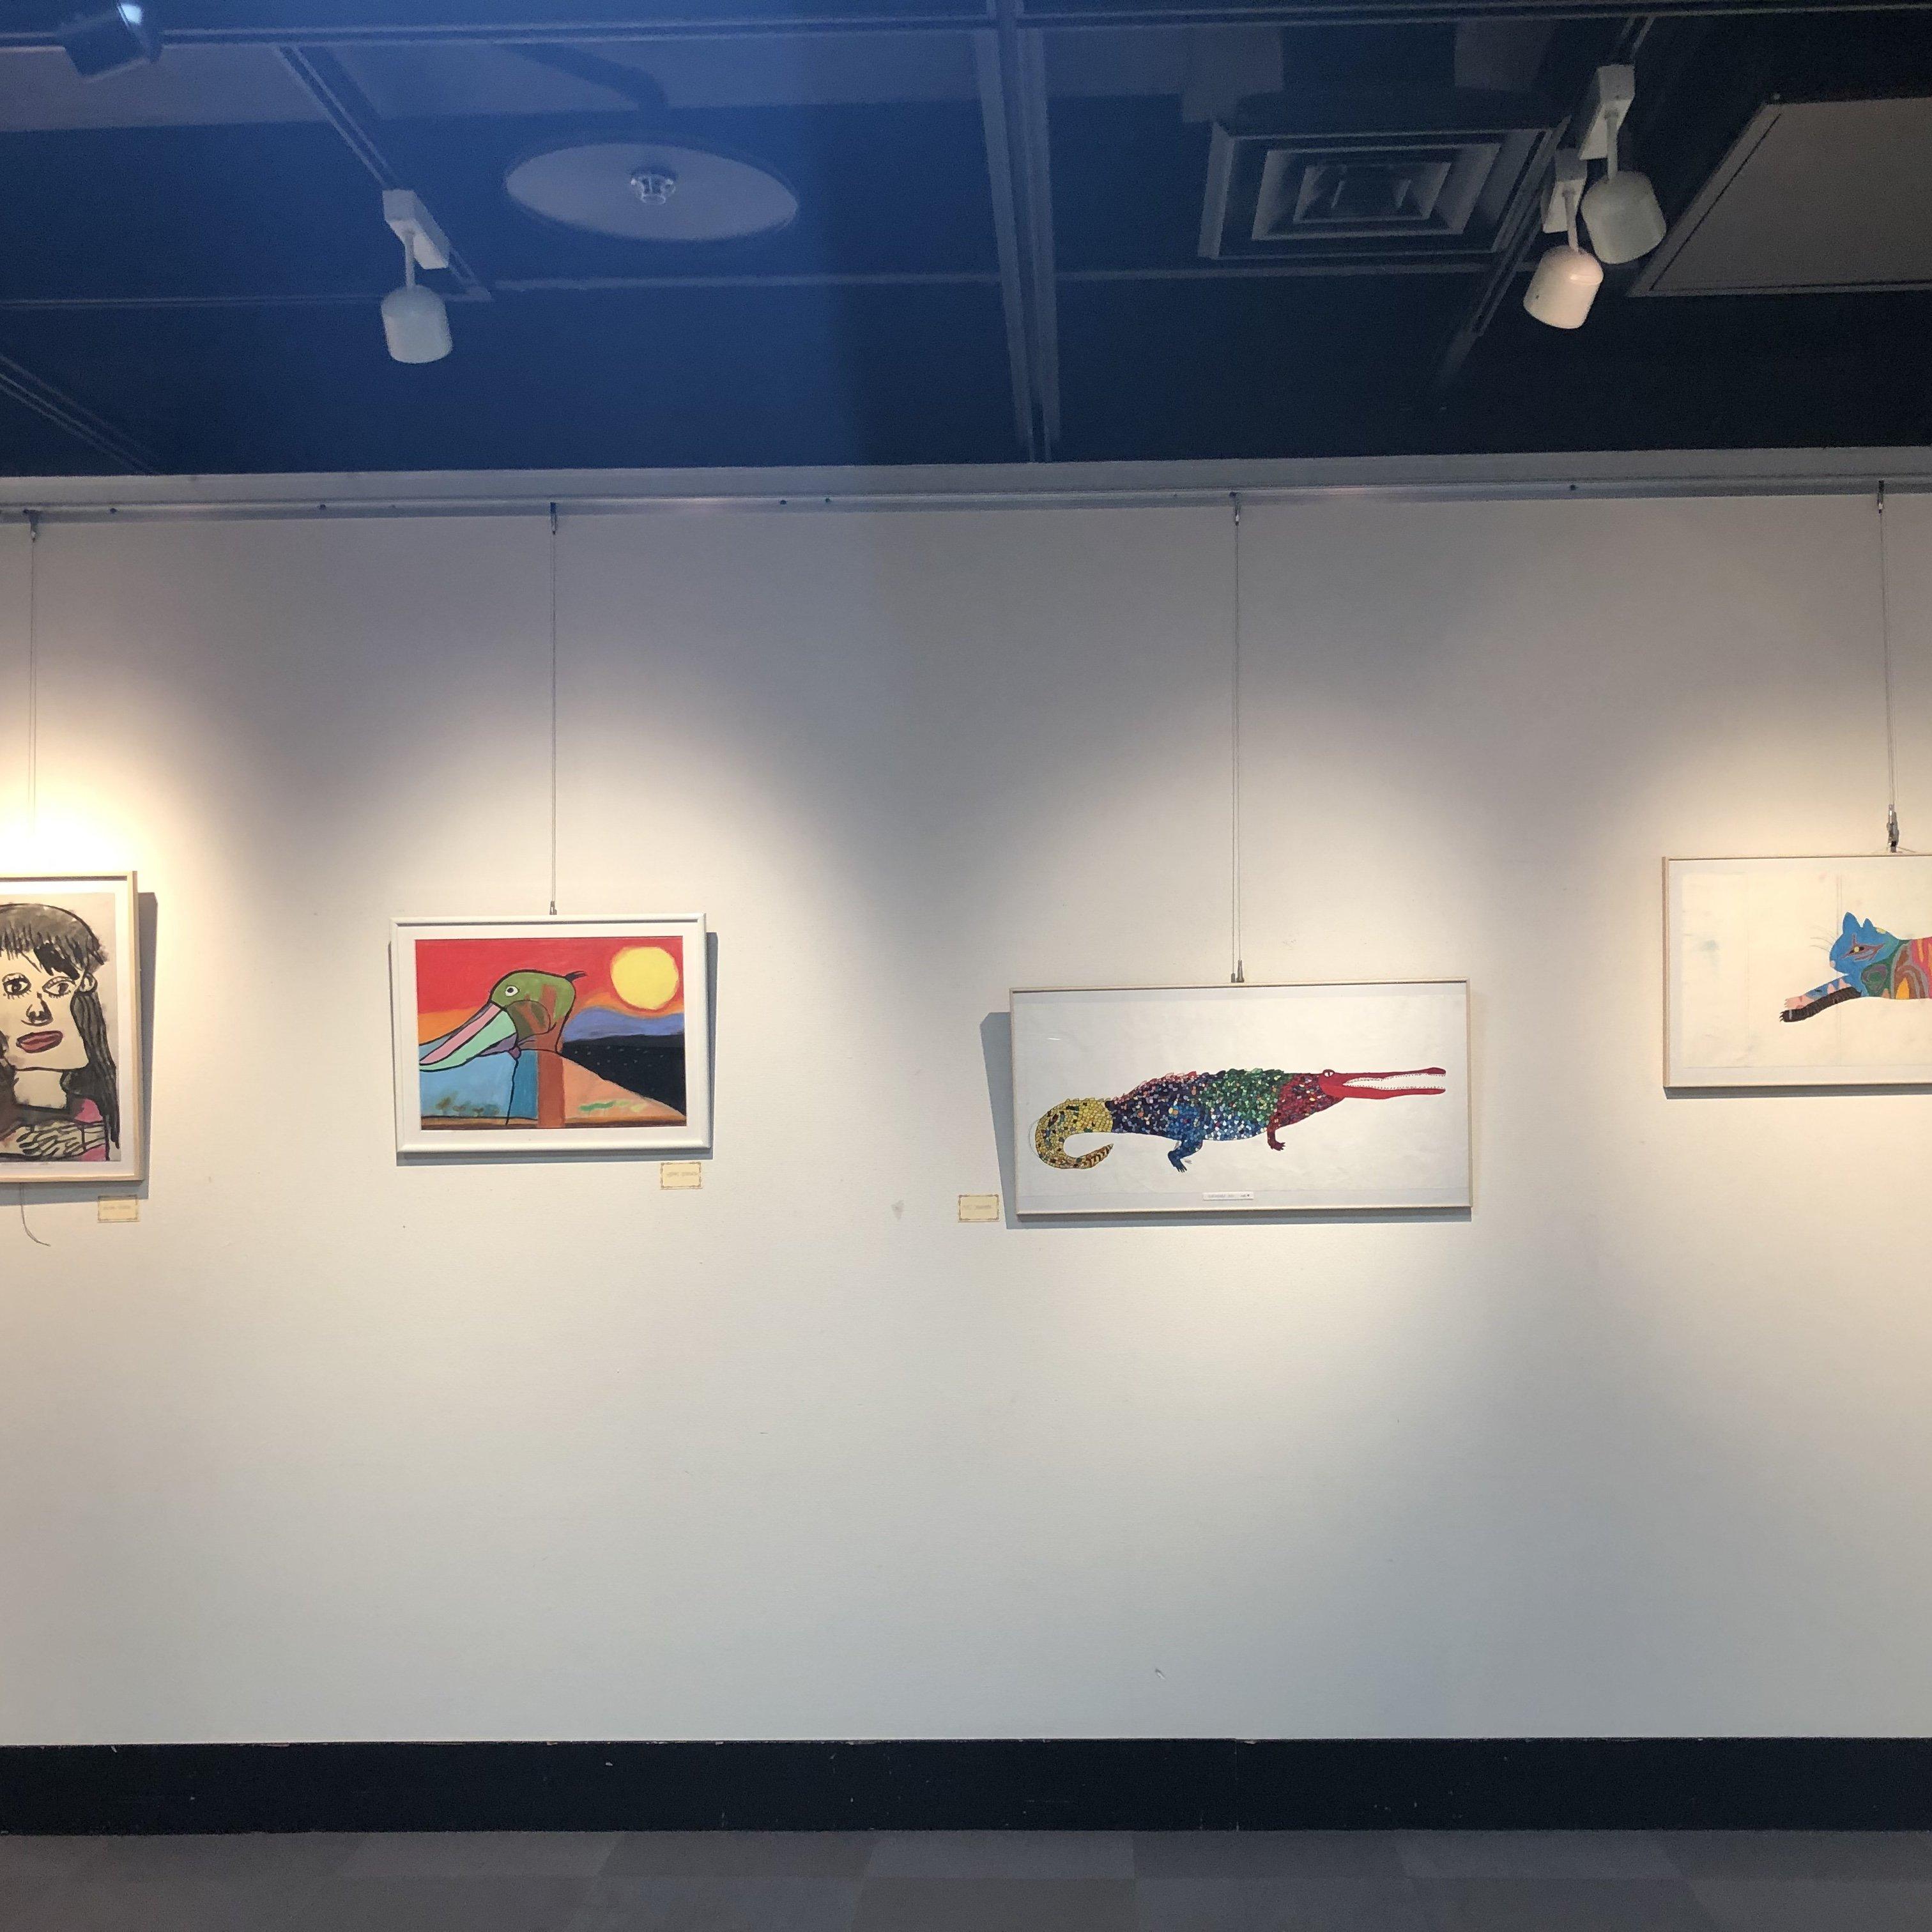 ニューヨーク展示会★応援募金 アウトサイダーアート展2022のイメージその5